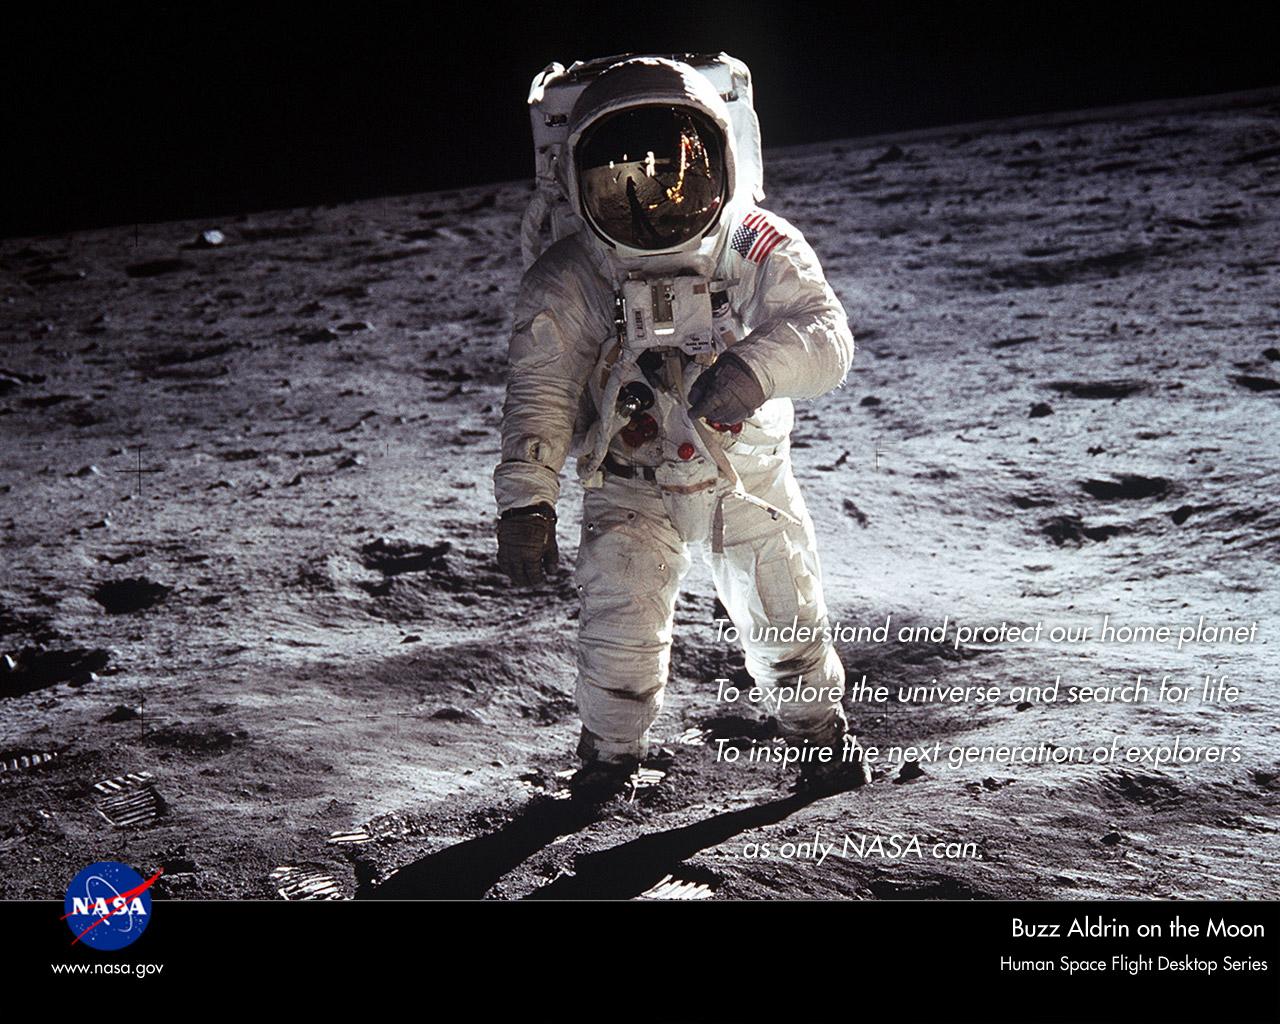 moon appolon mission, Американца на луне, миссия Аполлон, скачать фото, обои для рабочего стола, космос